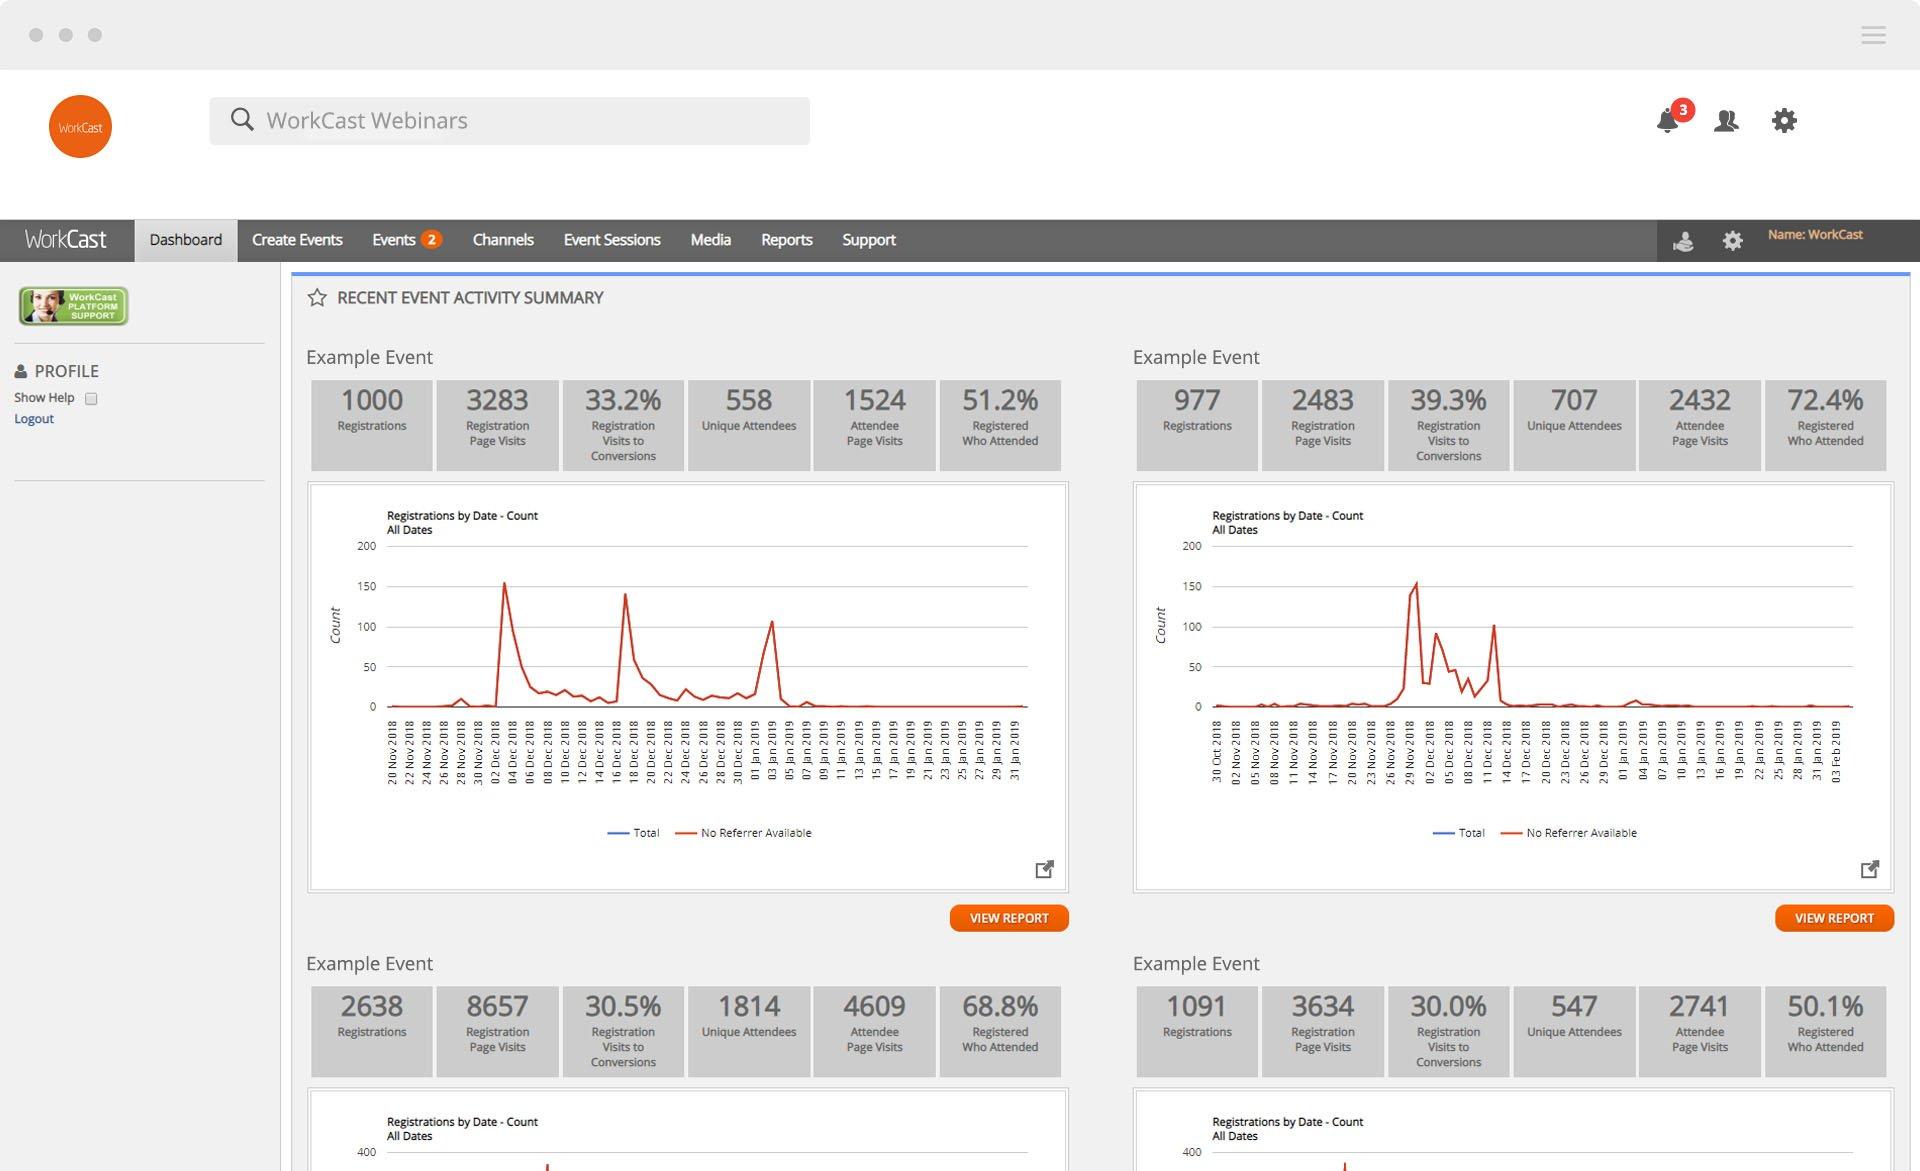 workcast-webinar-registrants-engagement-data